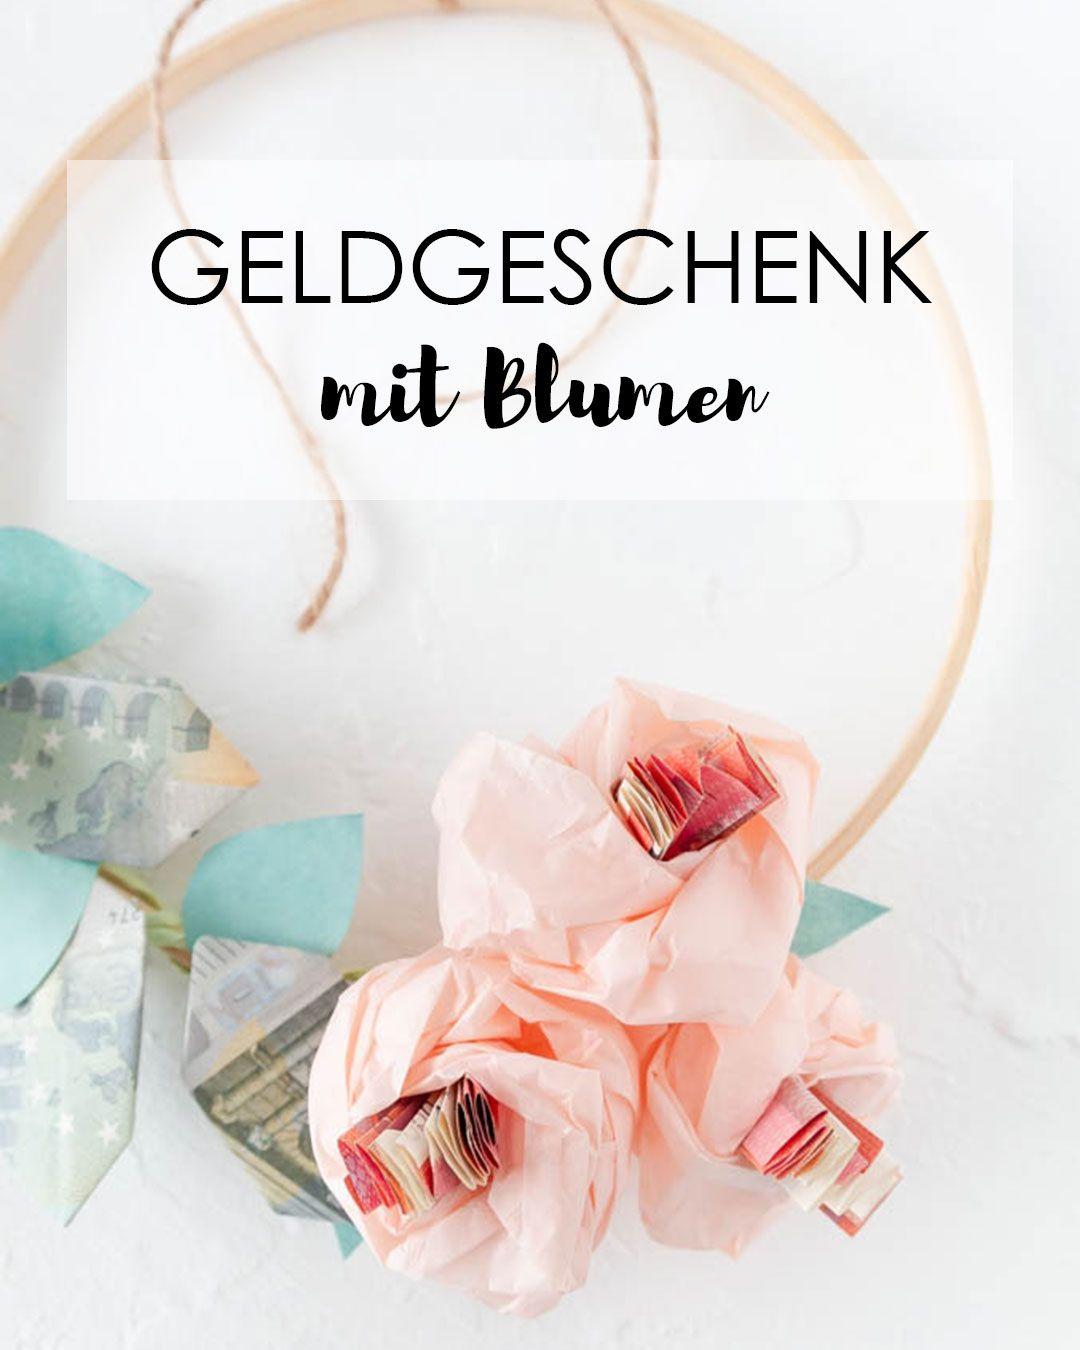 Photo of Geldgeschenk als Blumenkranz für eine Hochzeit